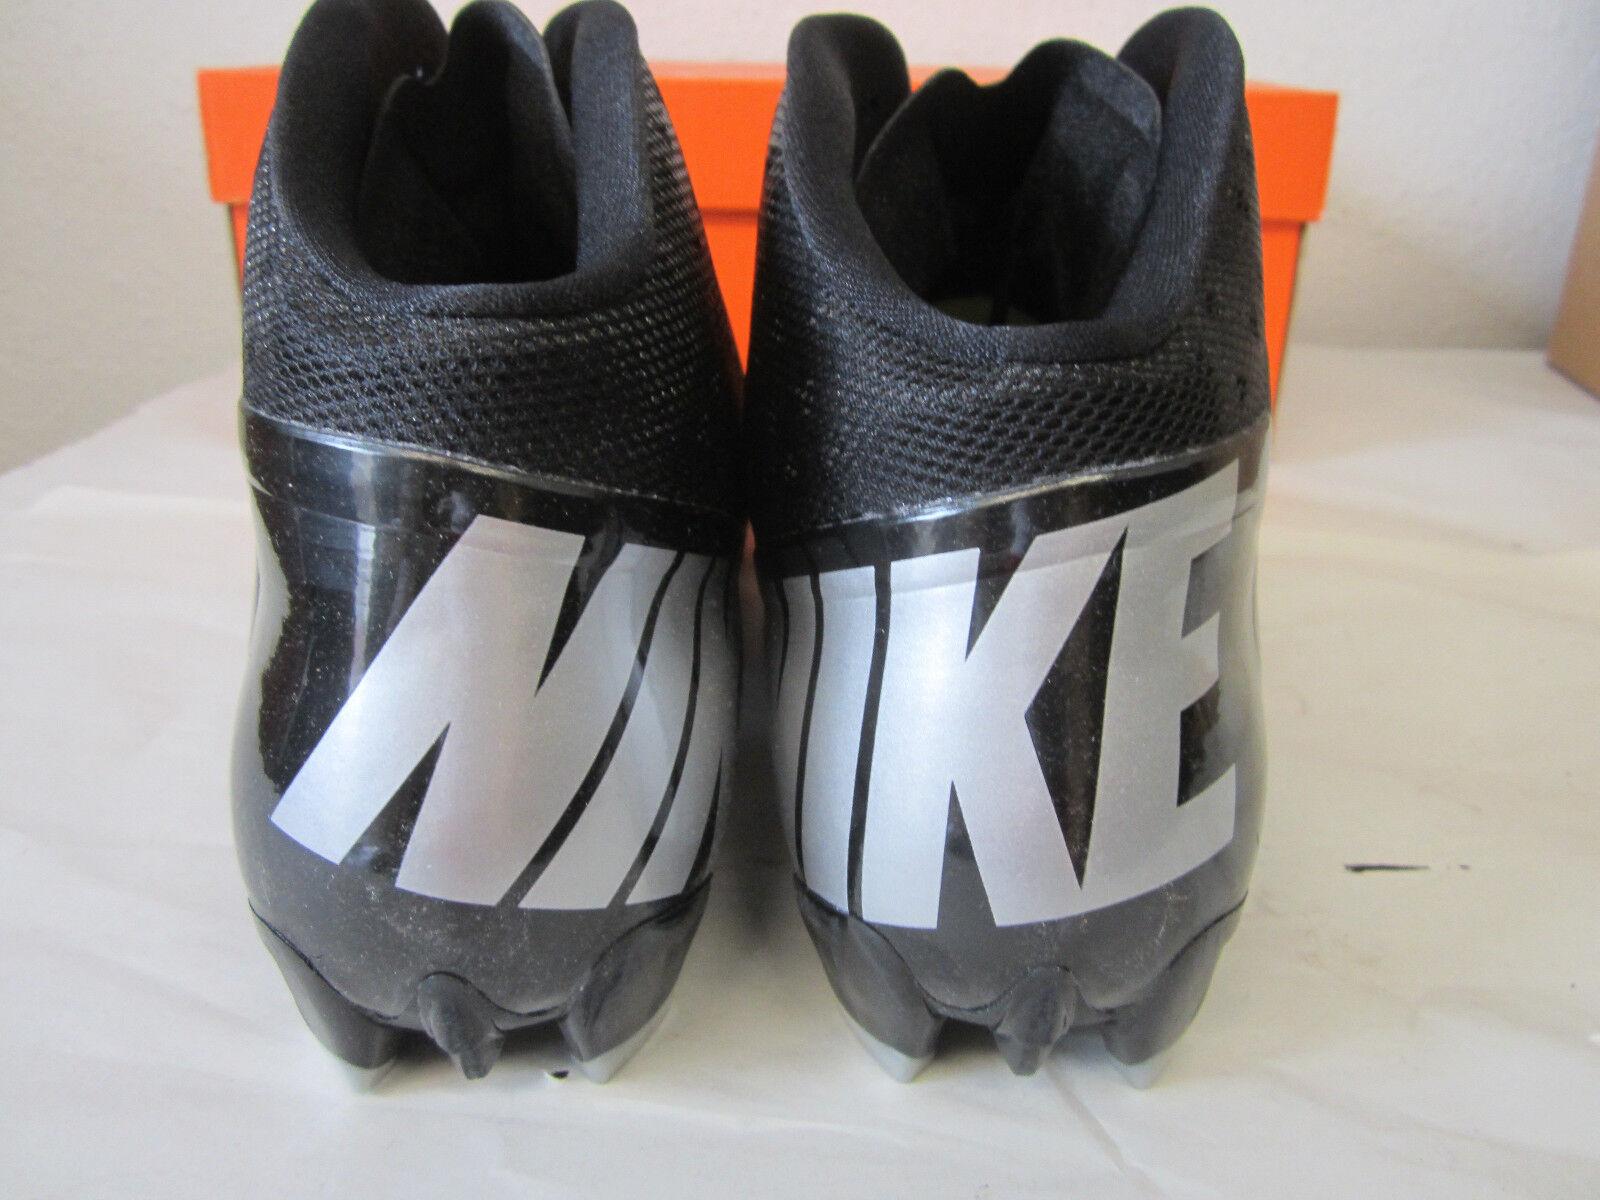 Nike a vapore (3   4 td td td football coi tacchetti nero   argentoo metallico 511339 001 scarpe | adottare  | Eccellente qualità  | Grande Svendita  ed4fb0